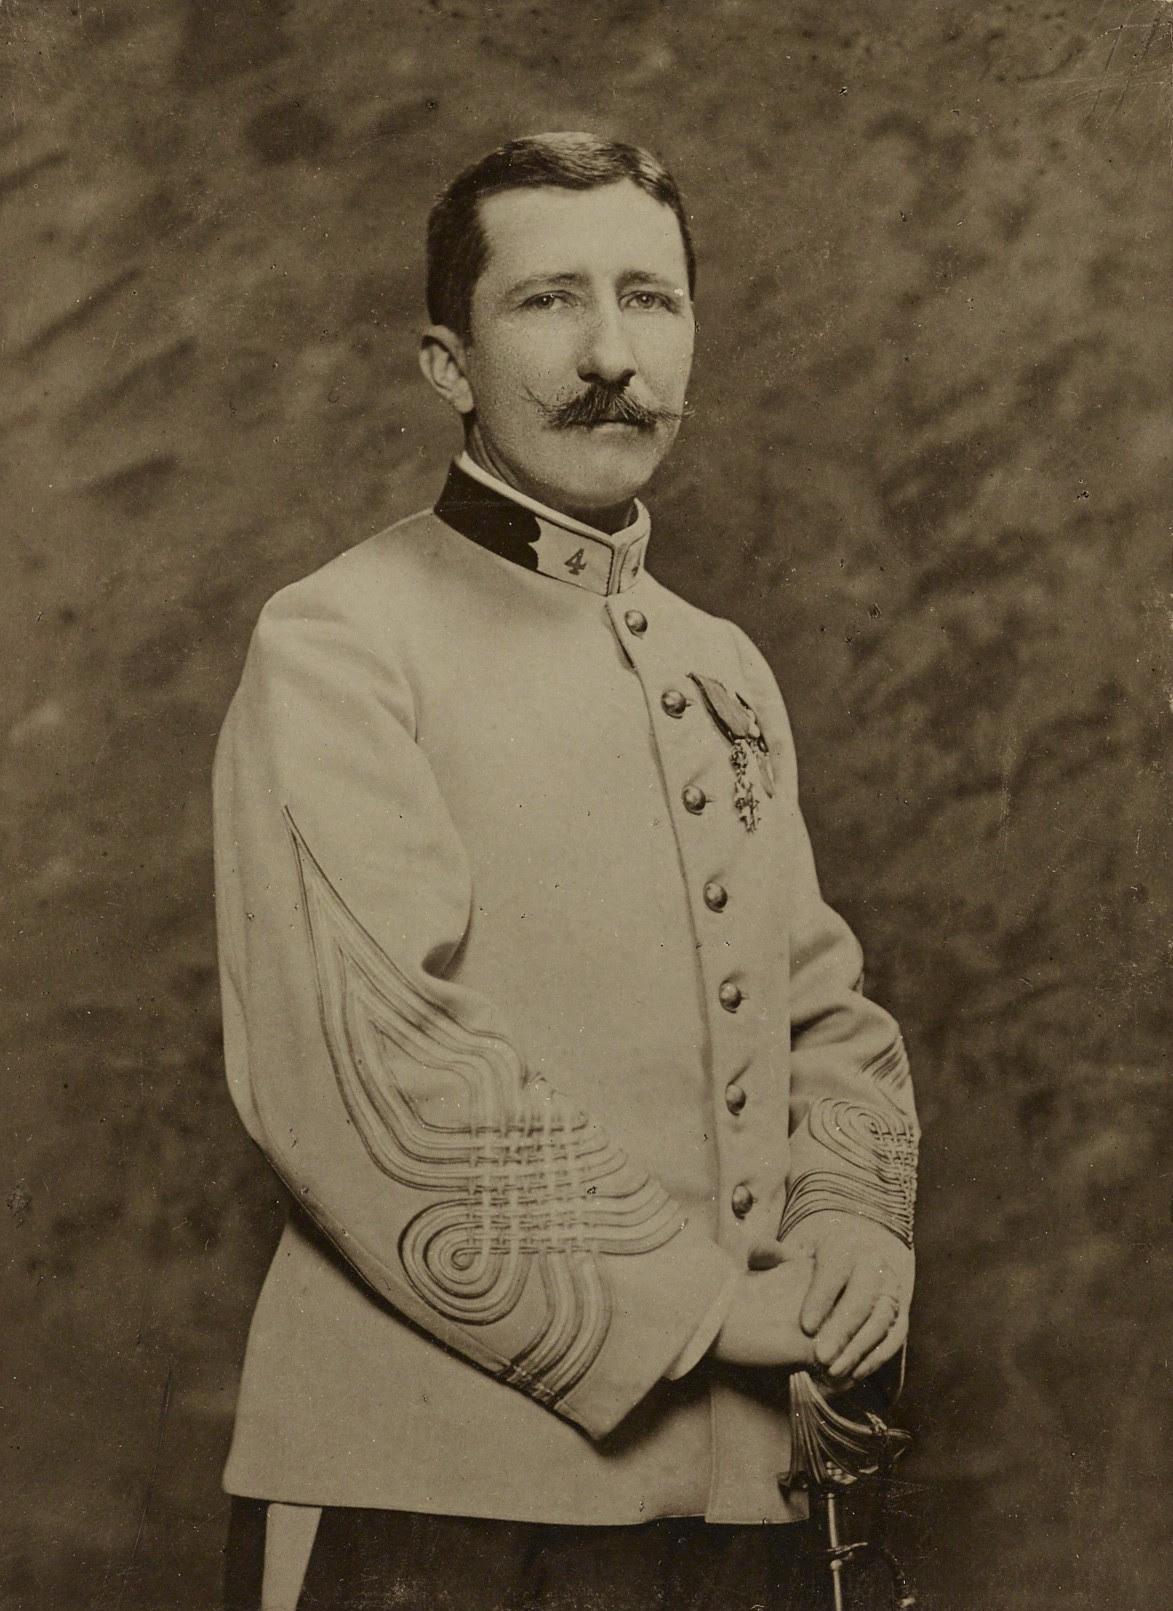 Photo du colonel Piquart - Affaire Dreyfus